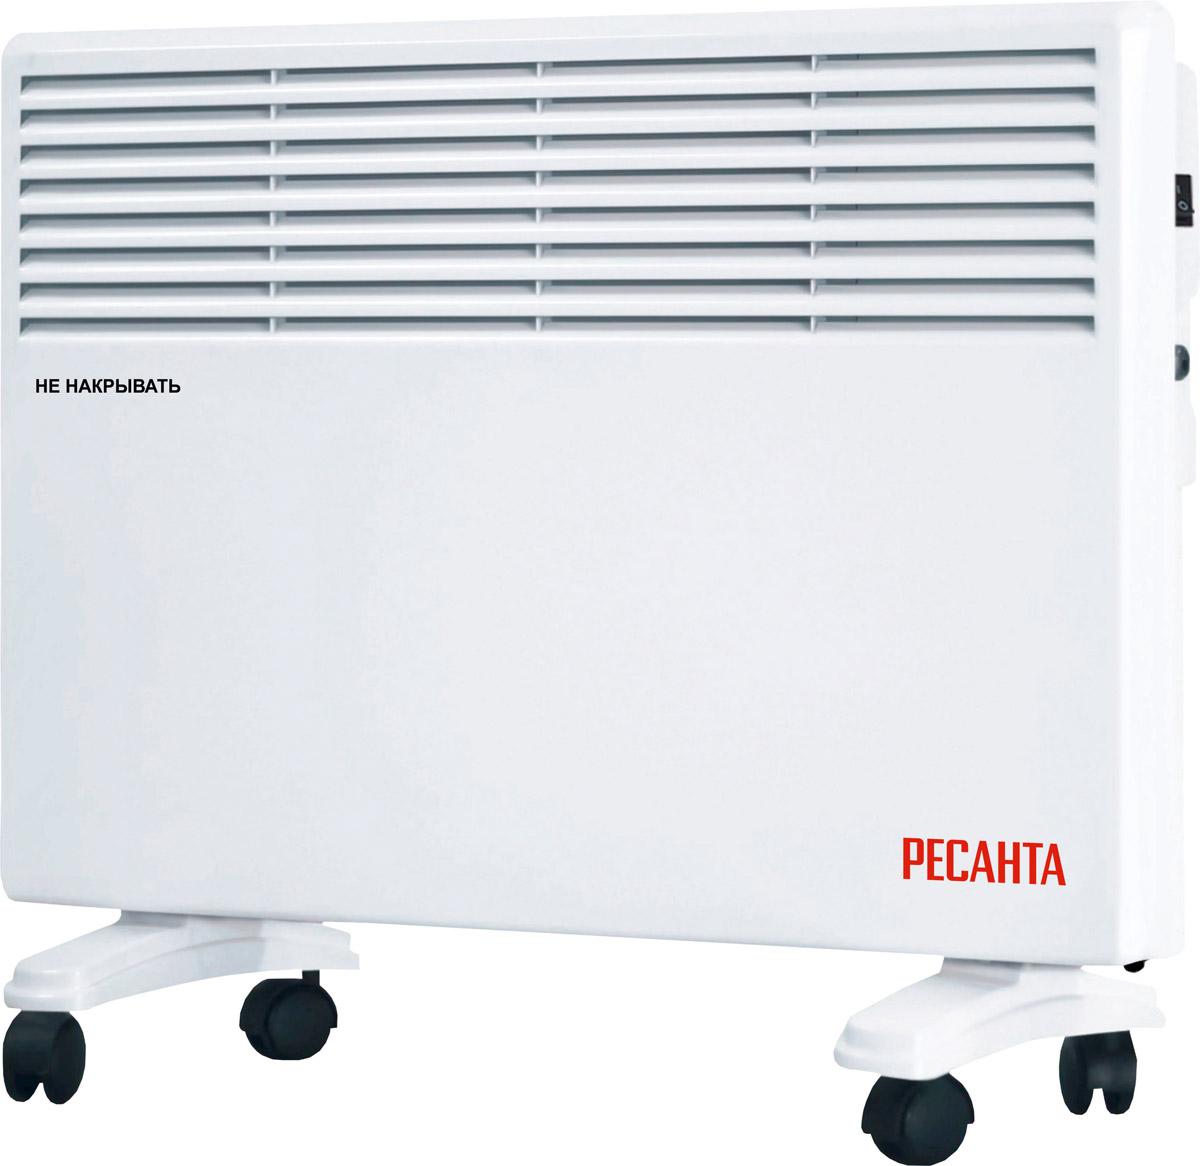 Ресанта ОК-1500Е (LED) конвектор67/4/13Конвектор электрический Ресанта ОК-1500E оснащен электронным термостатом, а также LED дисплеем с возможностью отображения текущей температуры окружающей среды. Холодный воздух, находящийся в нижней части комнаты на уровне ног, проходит через нагревательный элемент конвектора. Увеличиваясь в объеме в момент нагрева, теплый поток устремляется вверх через жалюзи выходной решетки и плавно распространяется по комнате. При этом направление потока, заданное наклоном жалюзи, создает благоприятную, ускоренную циркуляцию теплого воздуха внутри помещения, не рассредоточивая его на стены и окна.